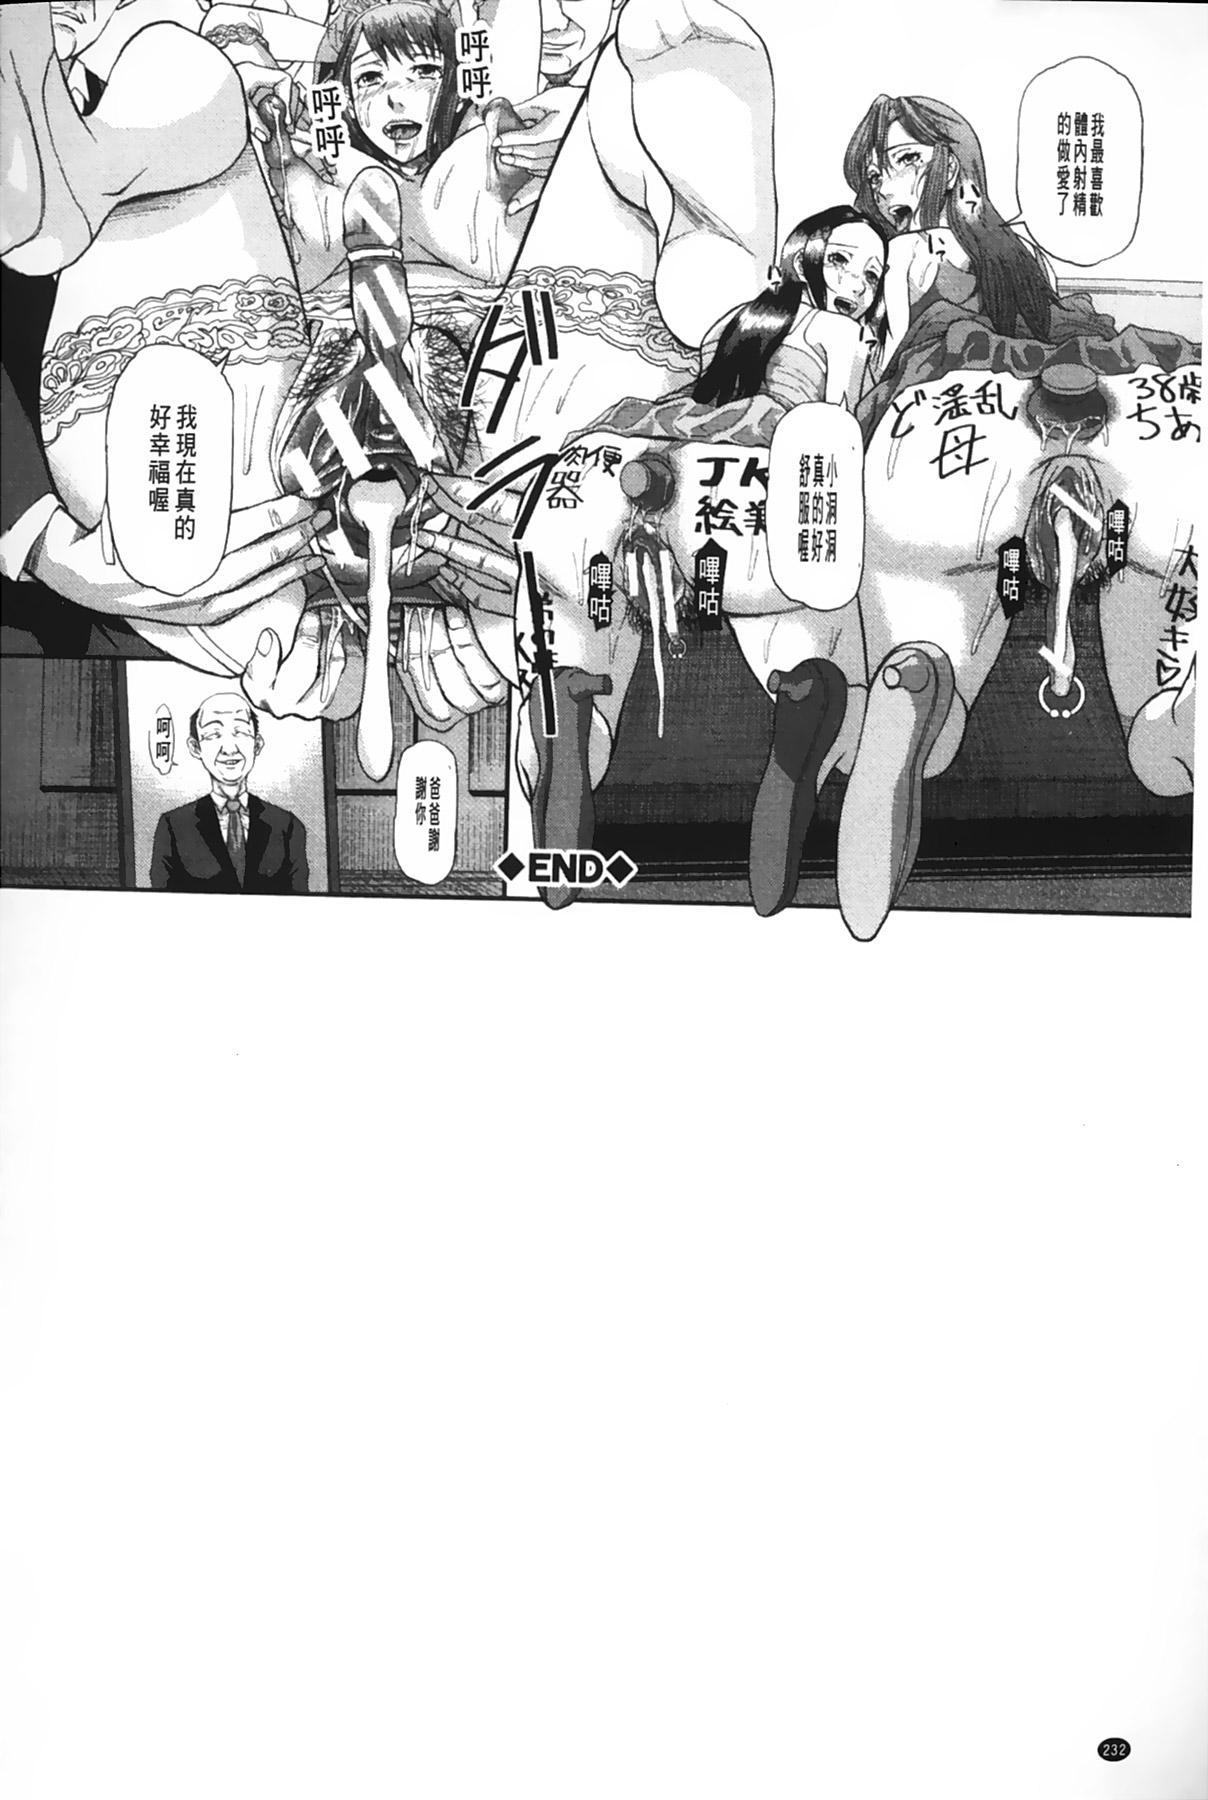 [Honebuto Danshaku] Onna Jigoku Niku no Tsubo~Hentai Rui Inran Ka Mesu Buta Ichidaiki~ | 女地獄、肉之壺 ~変態類淫乱科淫母豬一代記~ [Chinese] 232